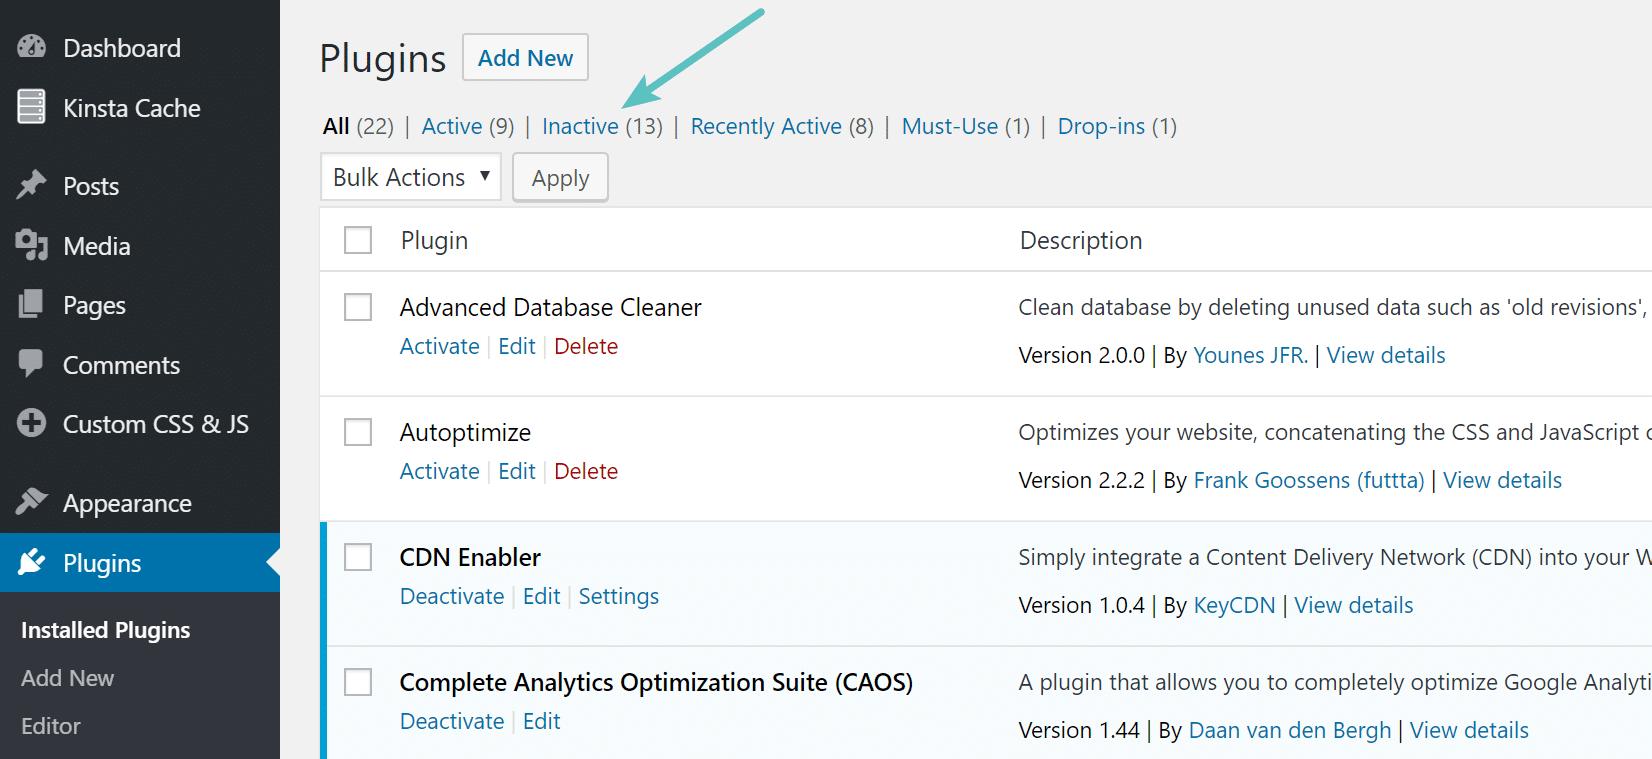 Plugins inactivos de WordPress